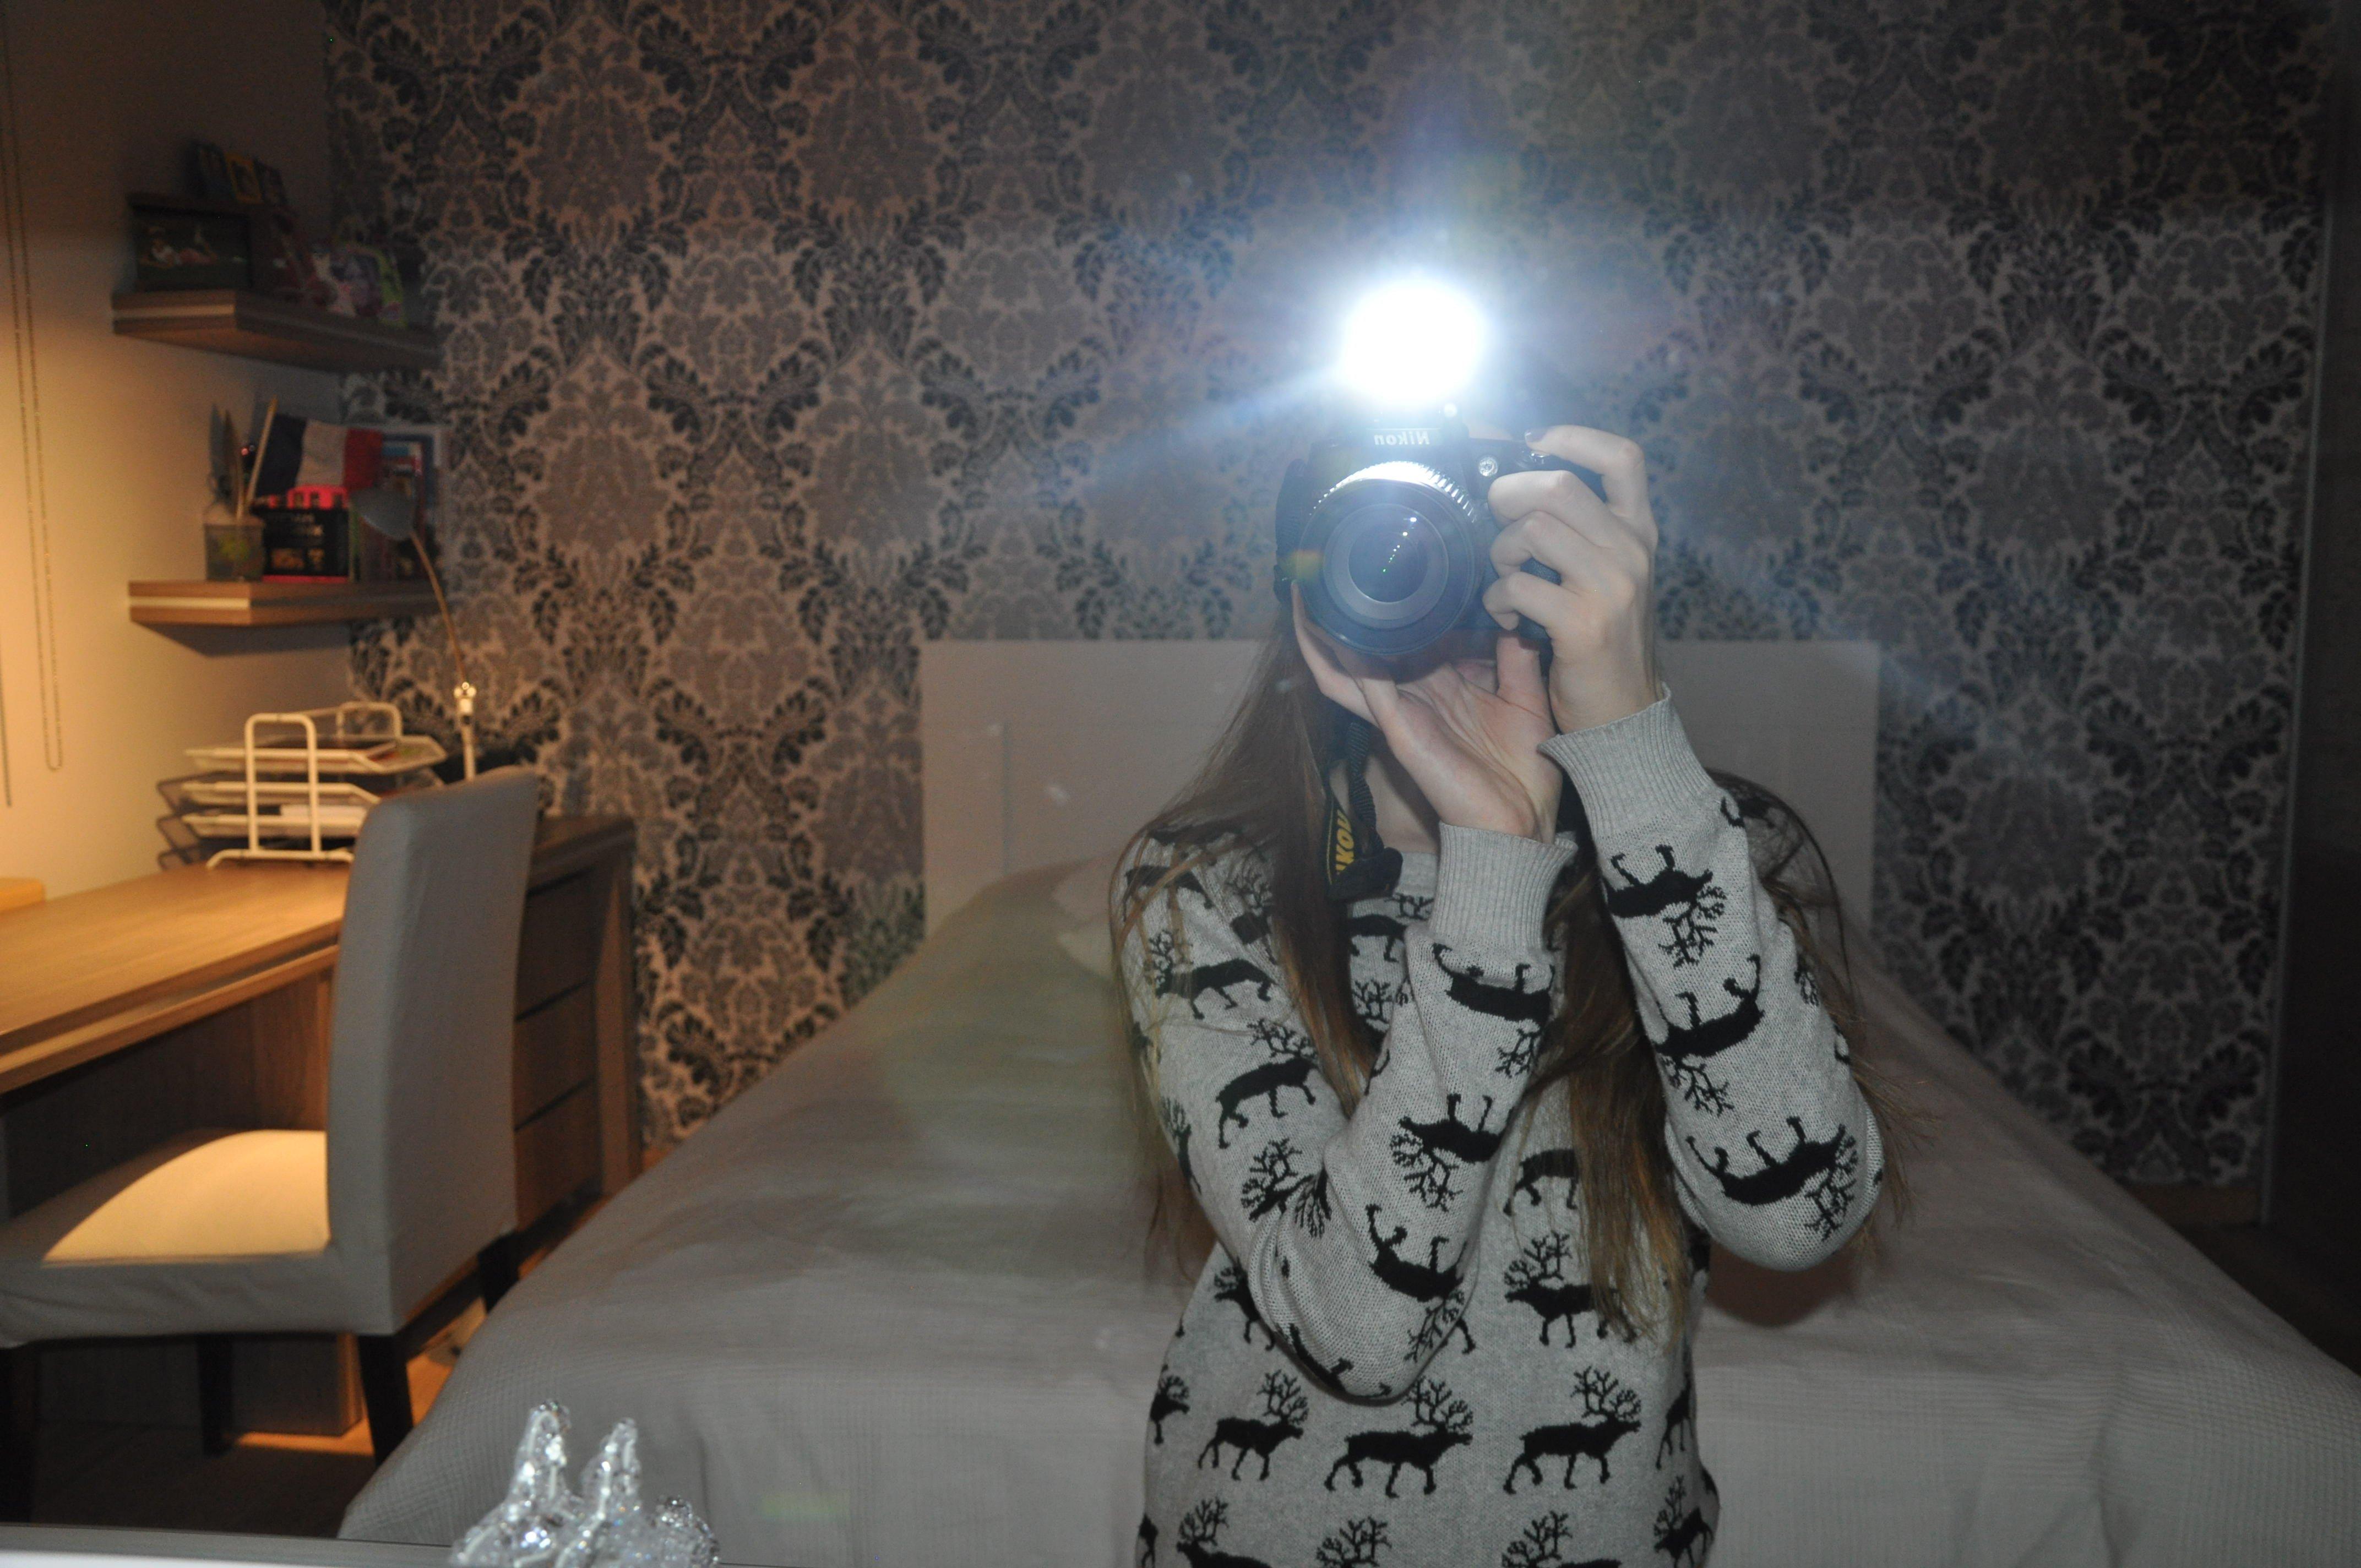 Фотография в лифчике без лица 19 фотография